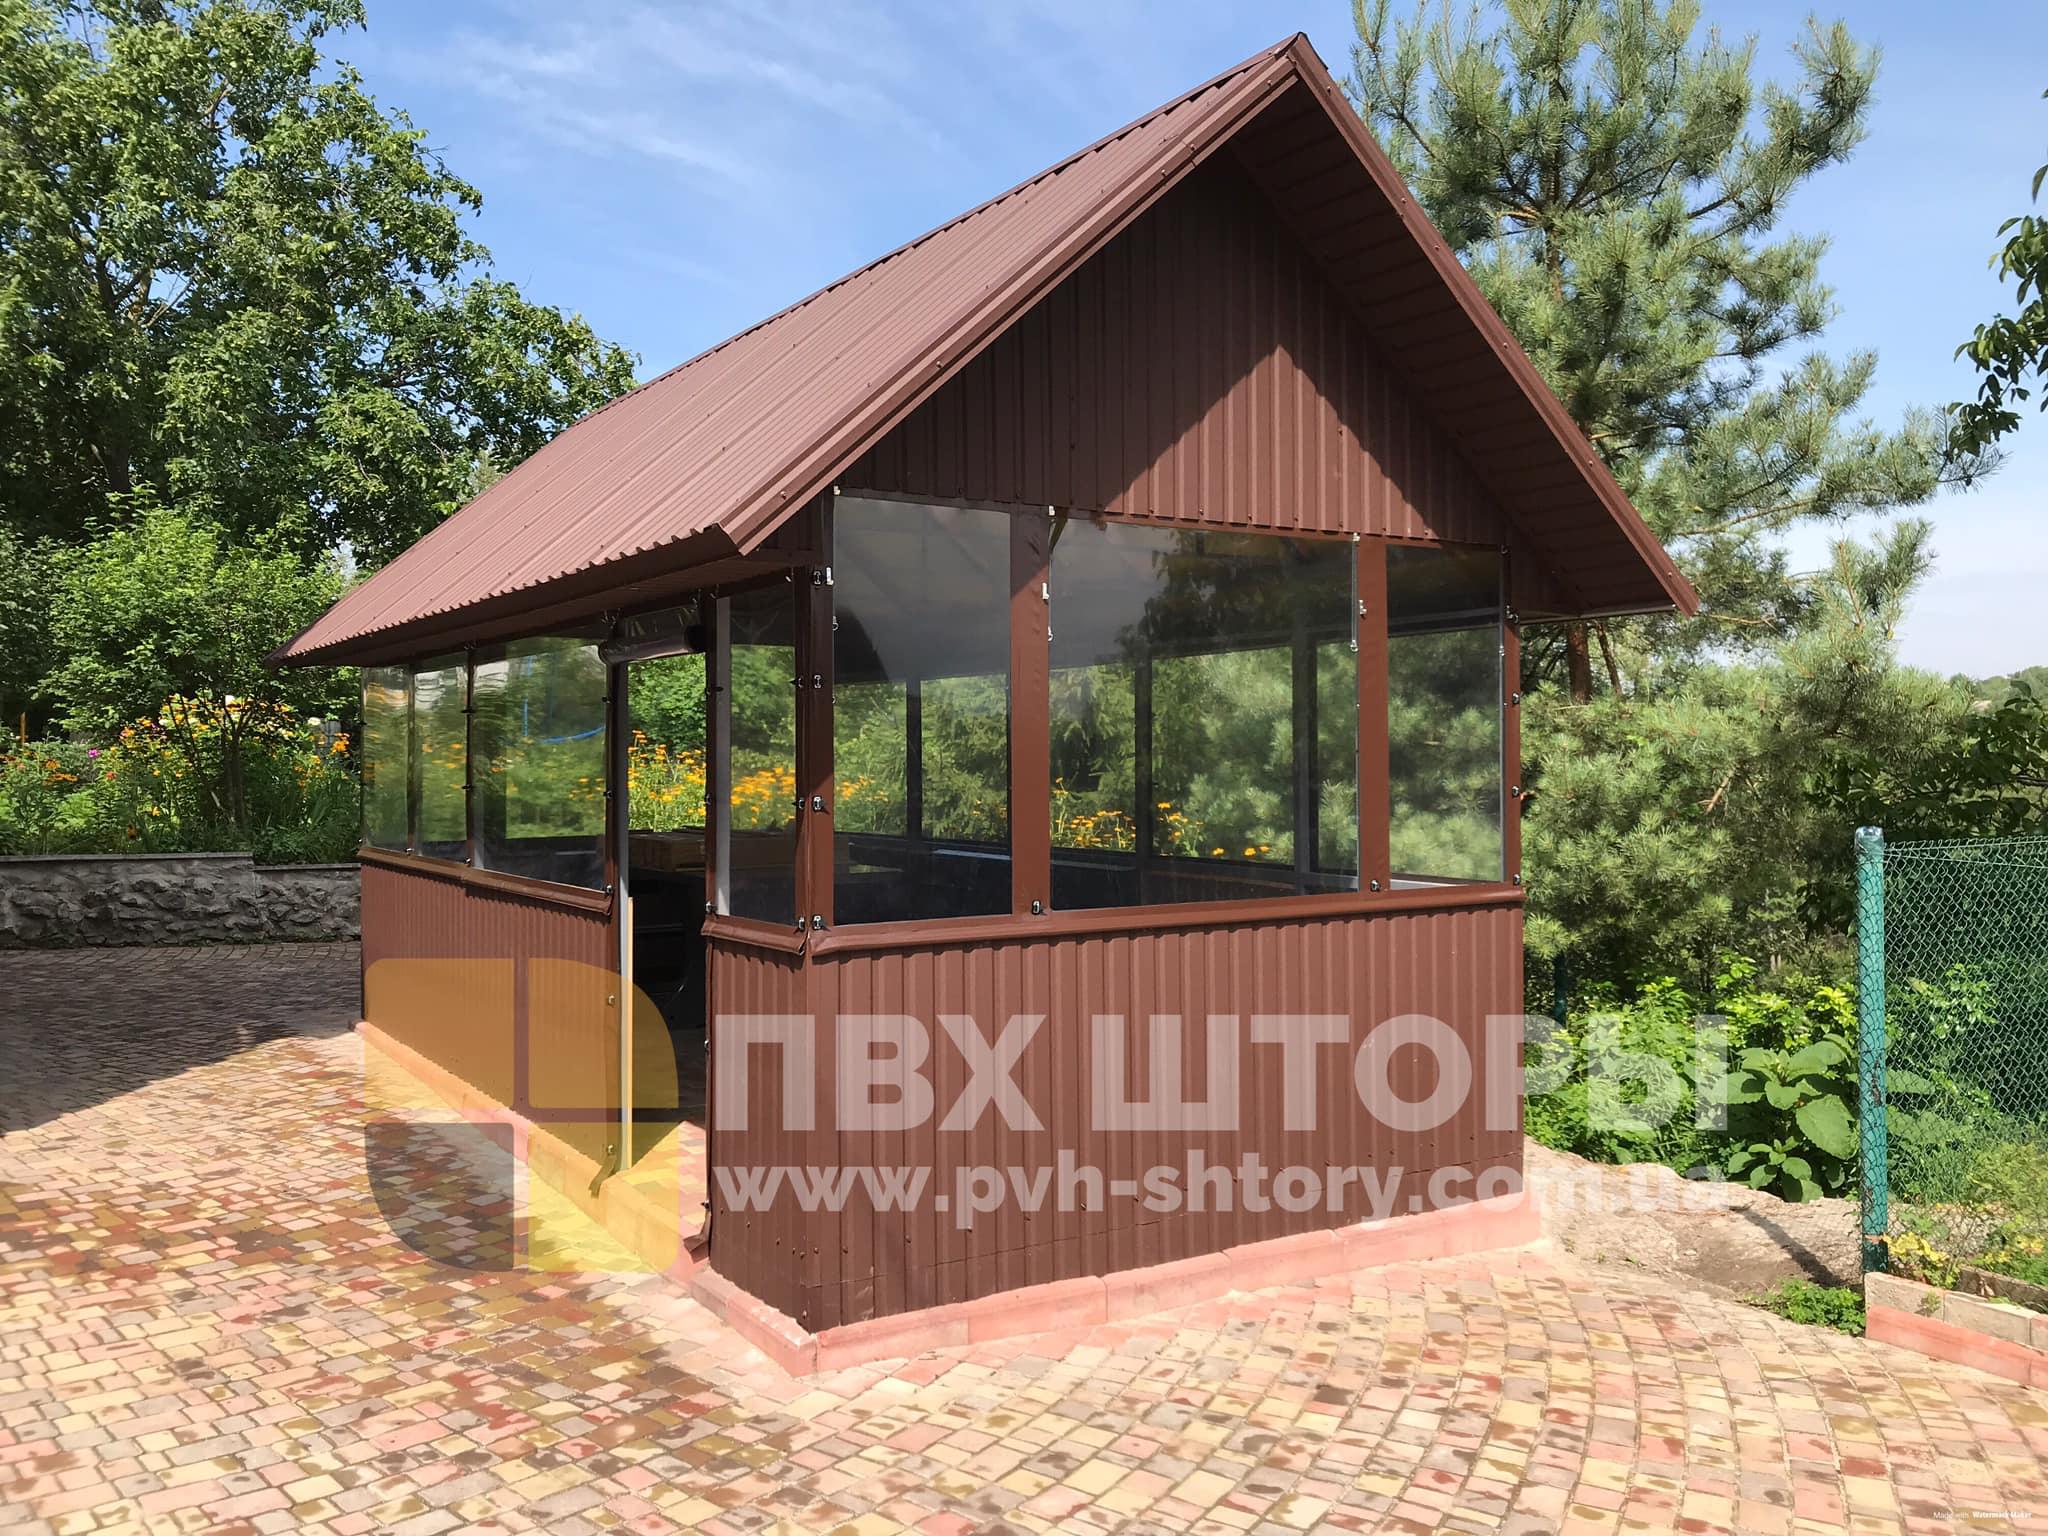 ПВХ шторы для беседки в Дрогобыче